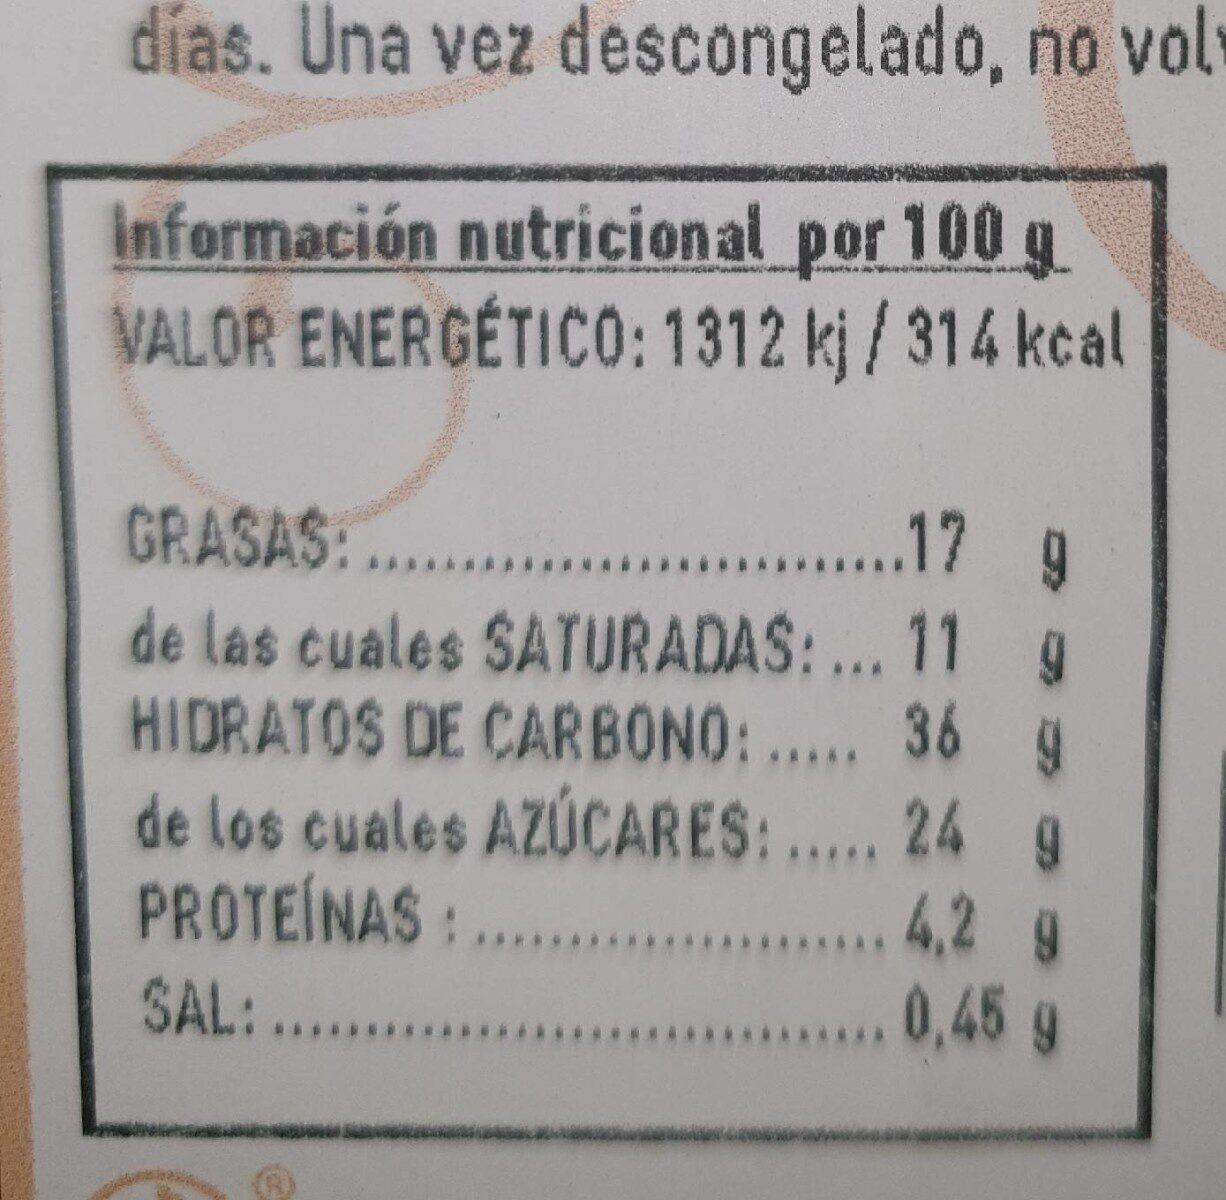 Tarta queso y frambuesa - Información nutricional - en